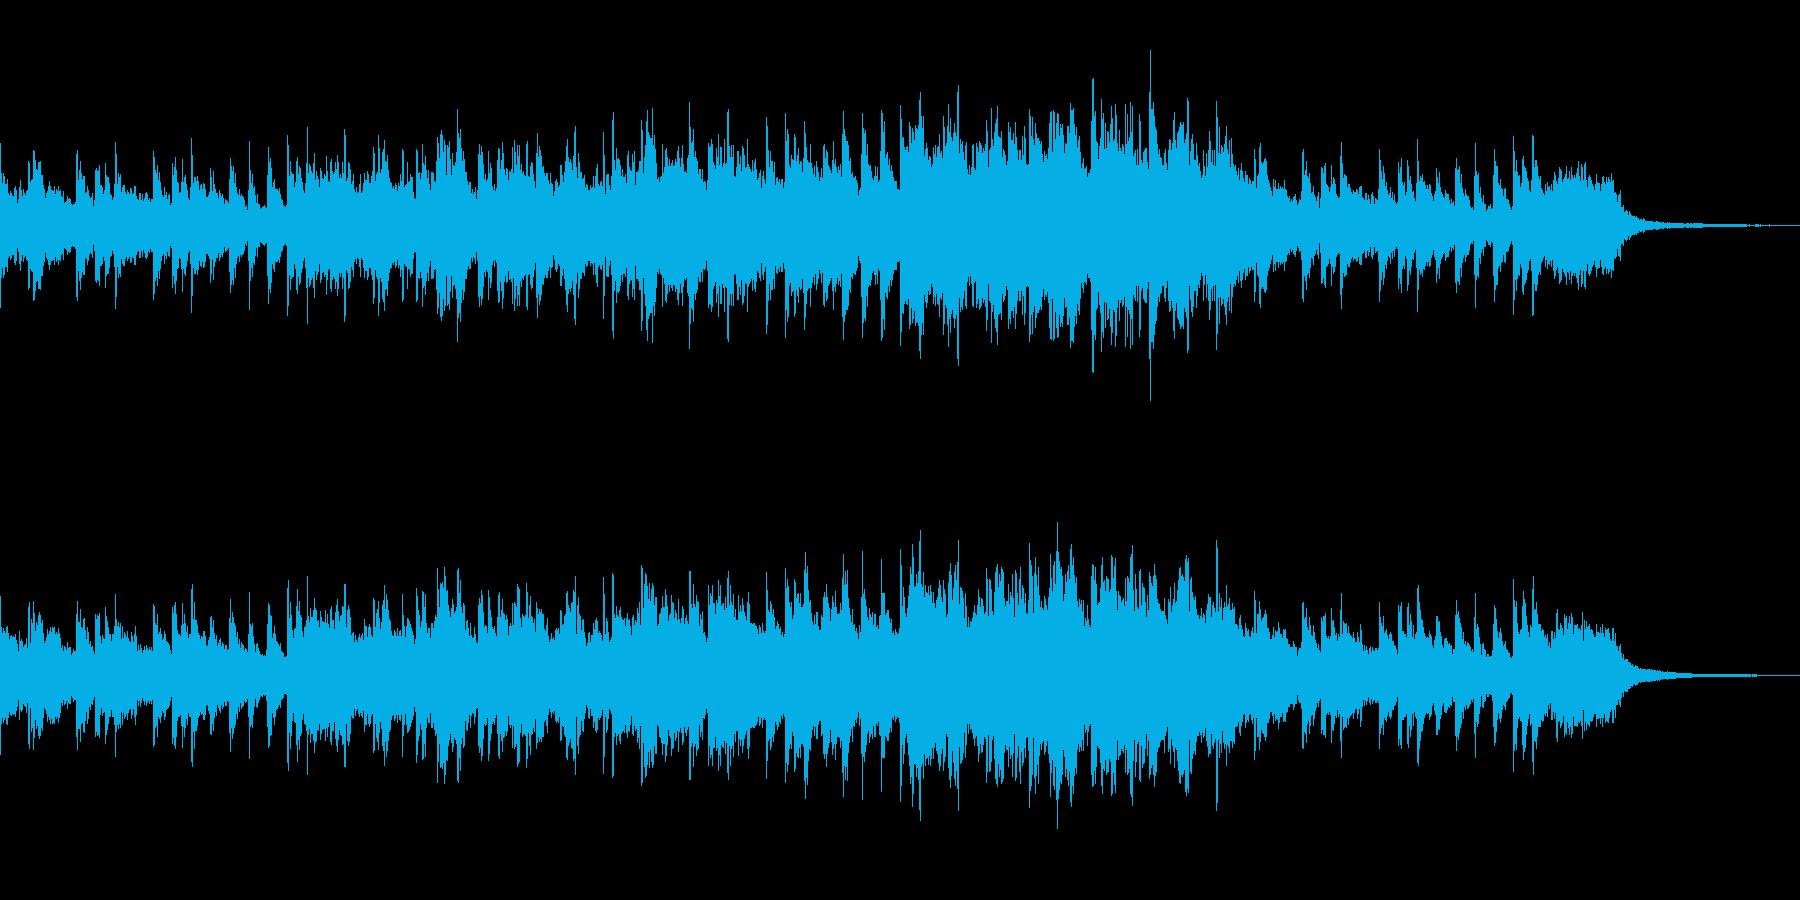 感動的なやさしいピアノメインの曲の再生済みの波形